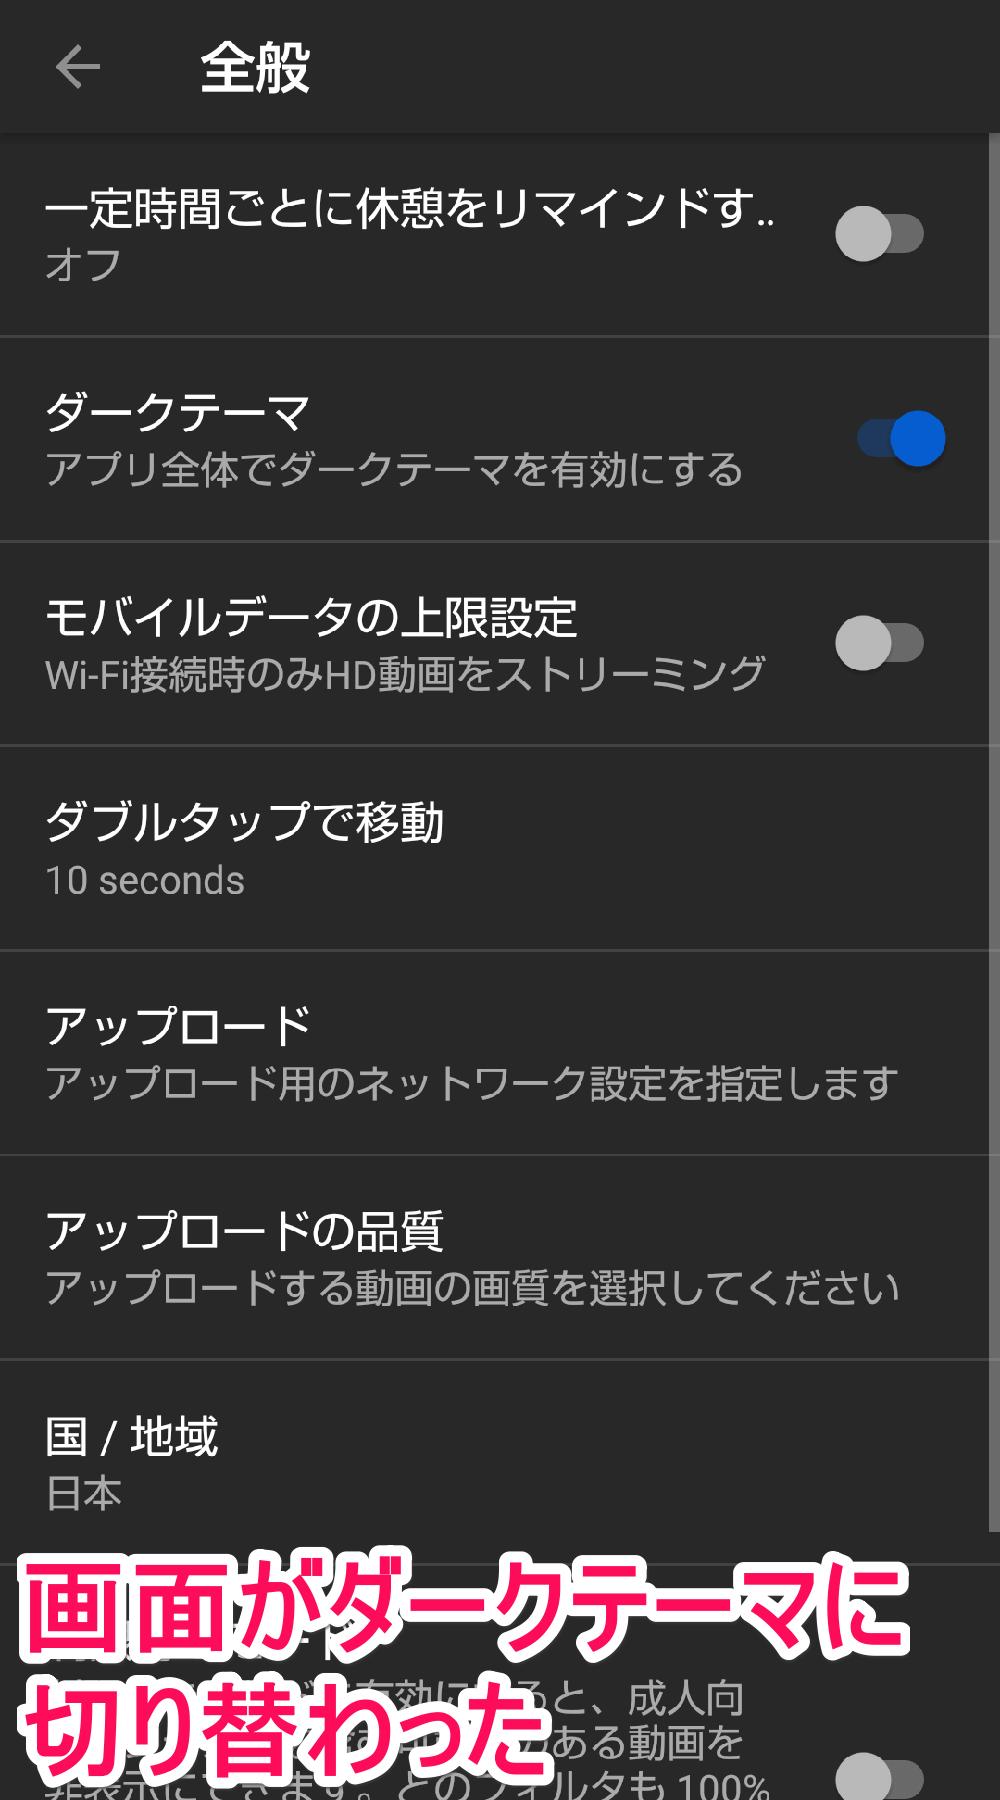 YouTubeアプリ(ユーチューブアプリ)の全般画面(ダークモード有効時)